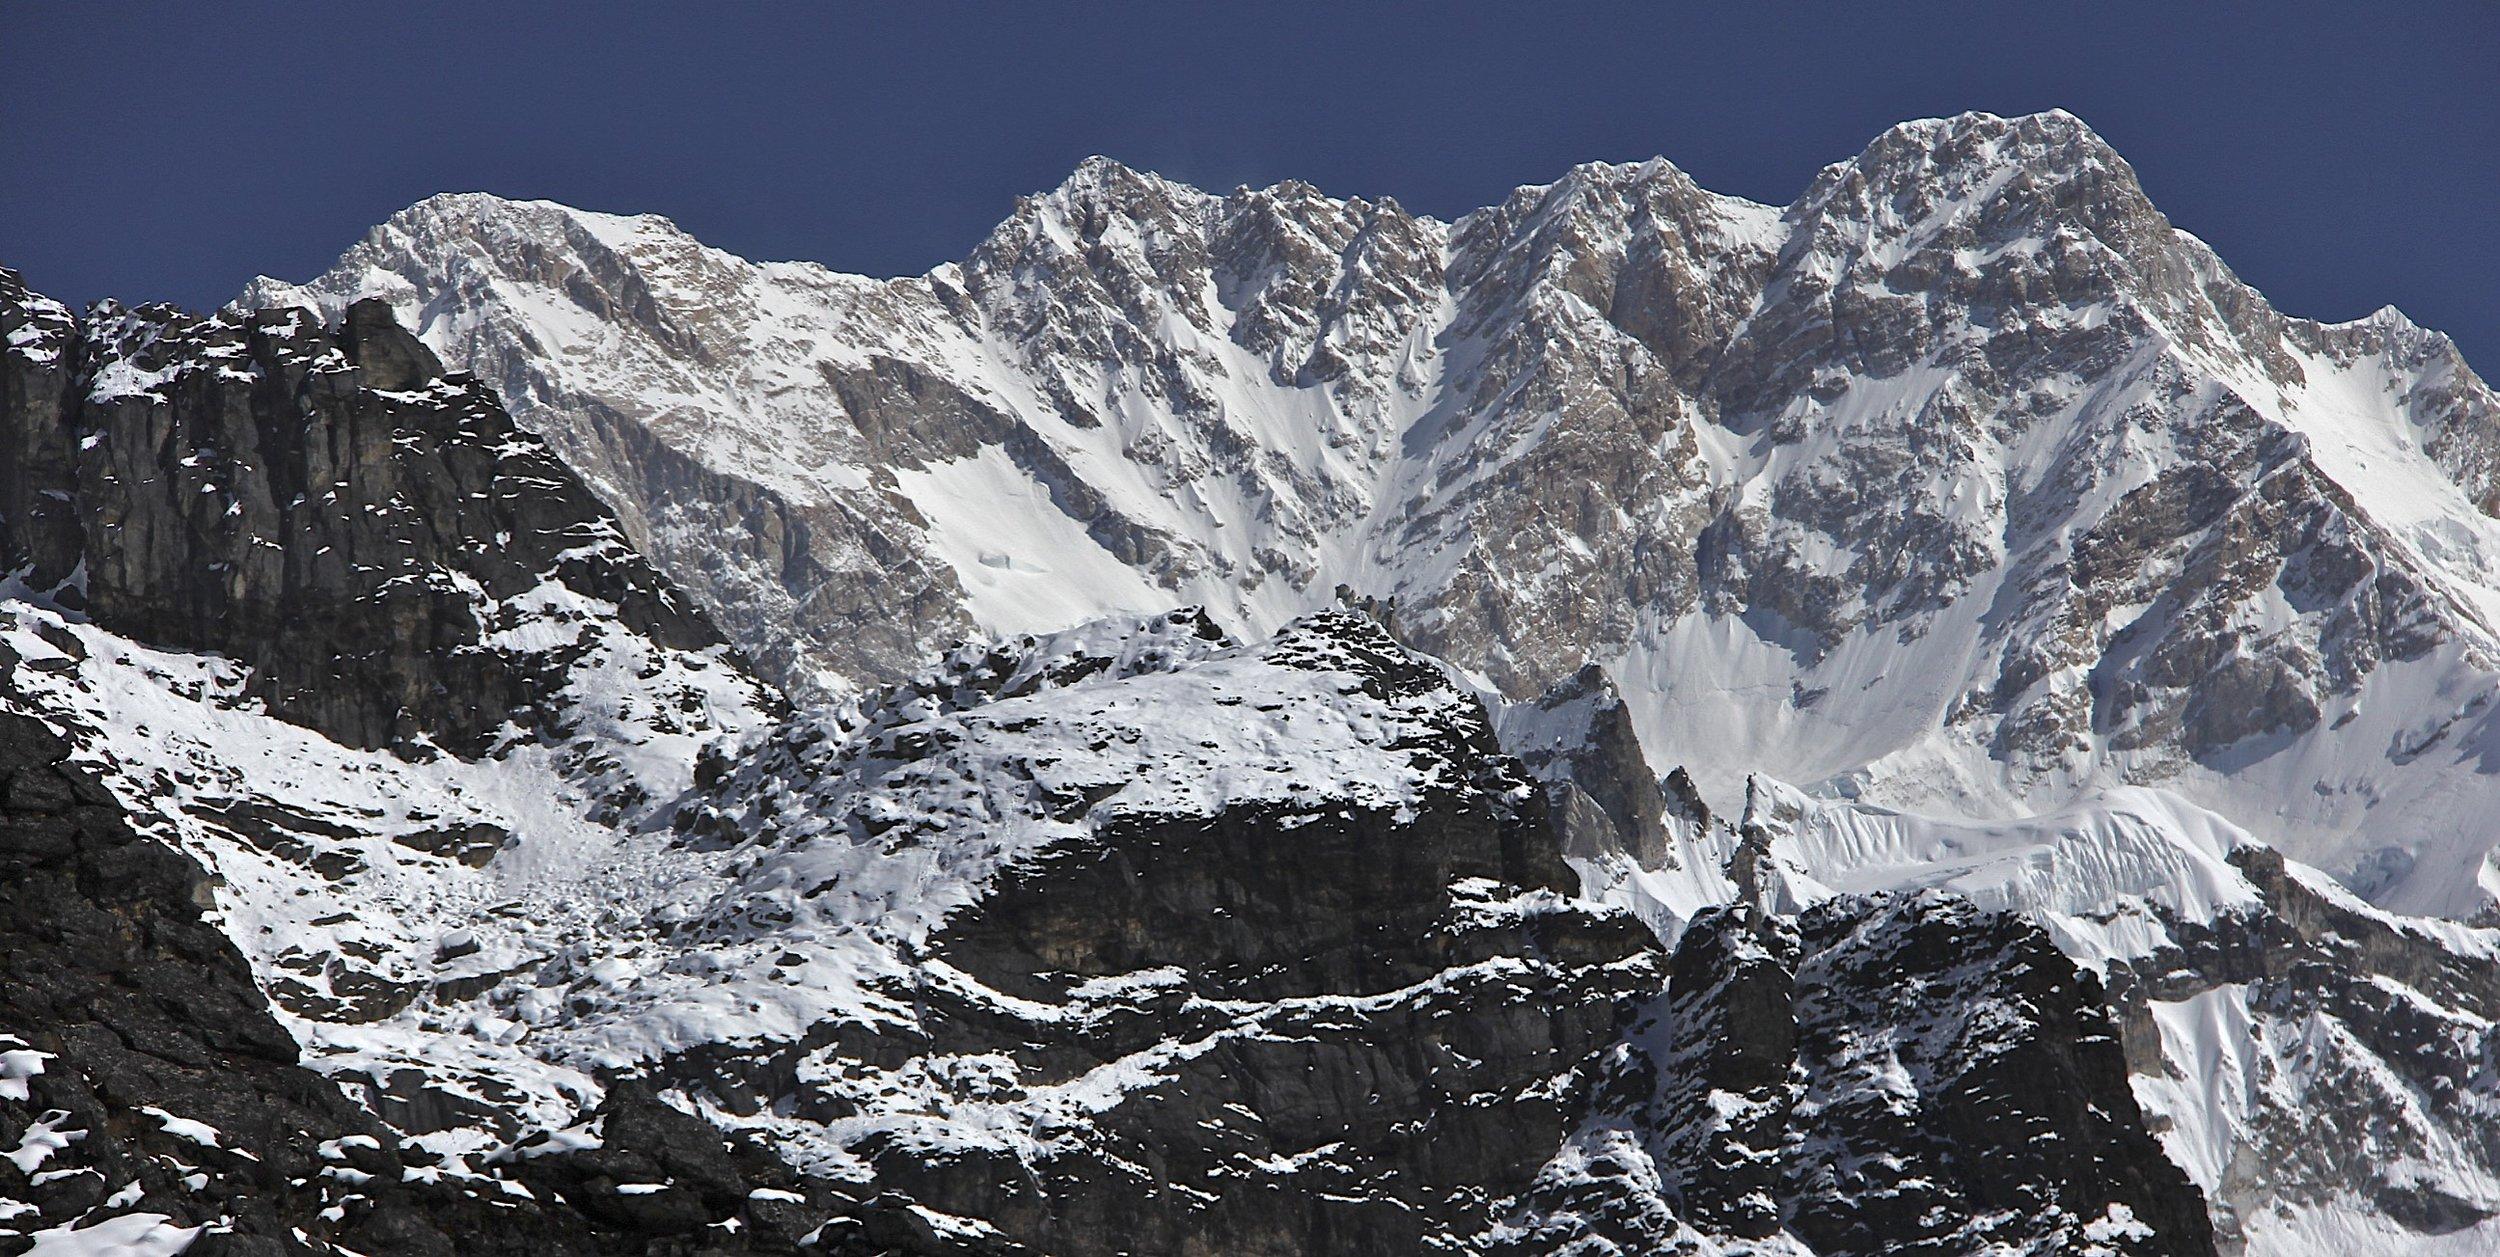 Kanbachen and 3 summits of the Kangchenjunga massif.